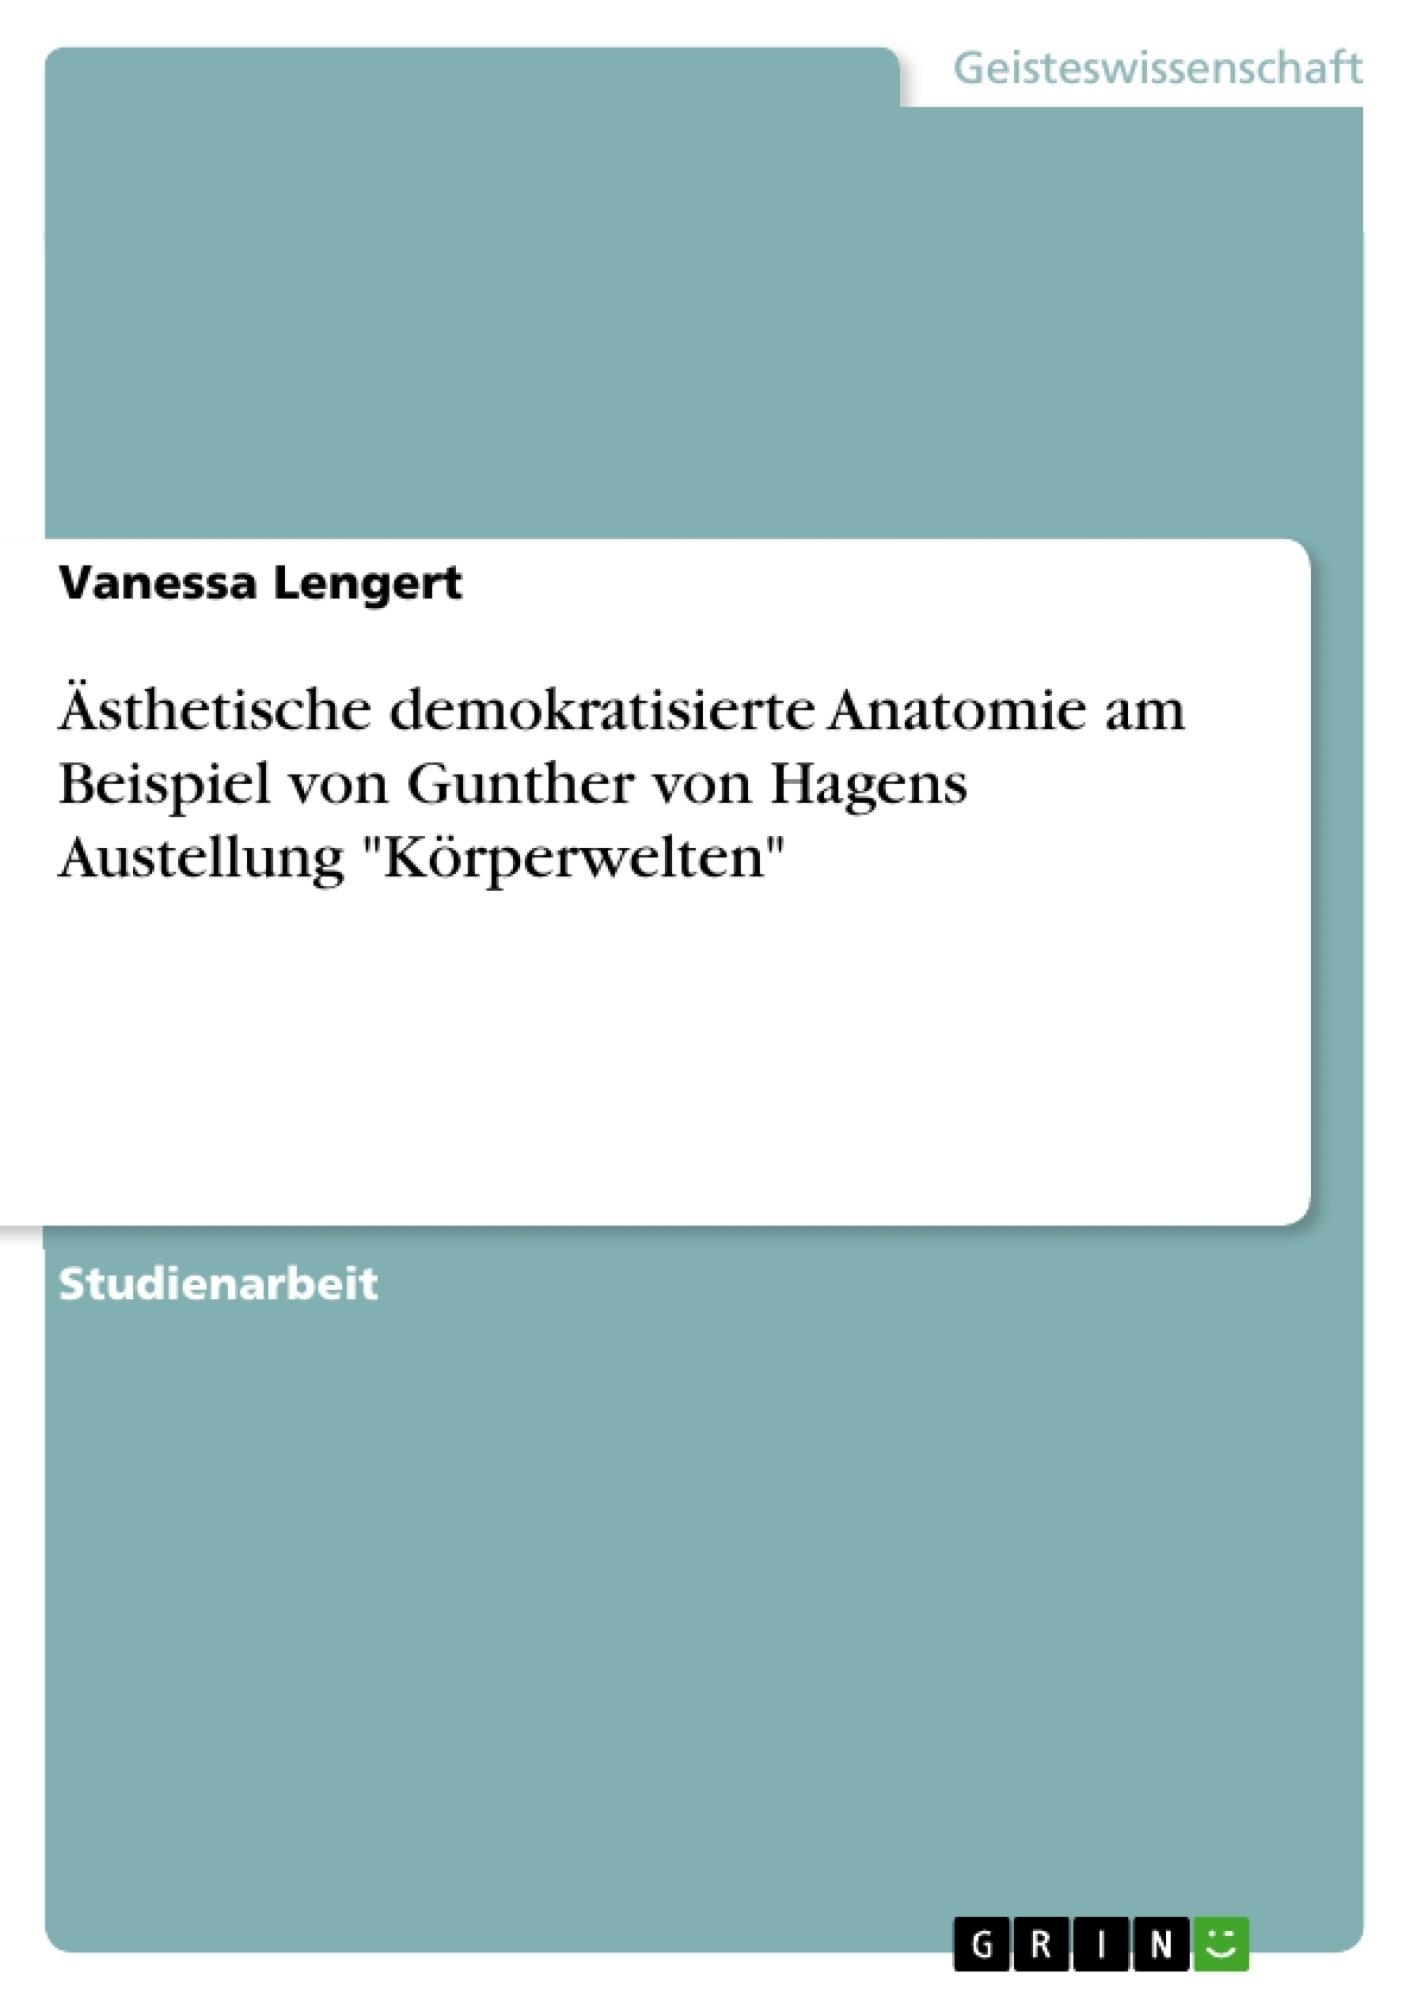 """Titel: Ästhetische demokratisierte Anatomie am Beispiel von Gunther von Hagens Austellung """"Körperwelten"""""""